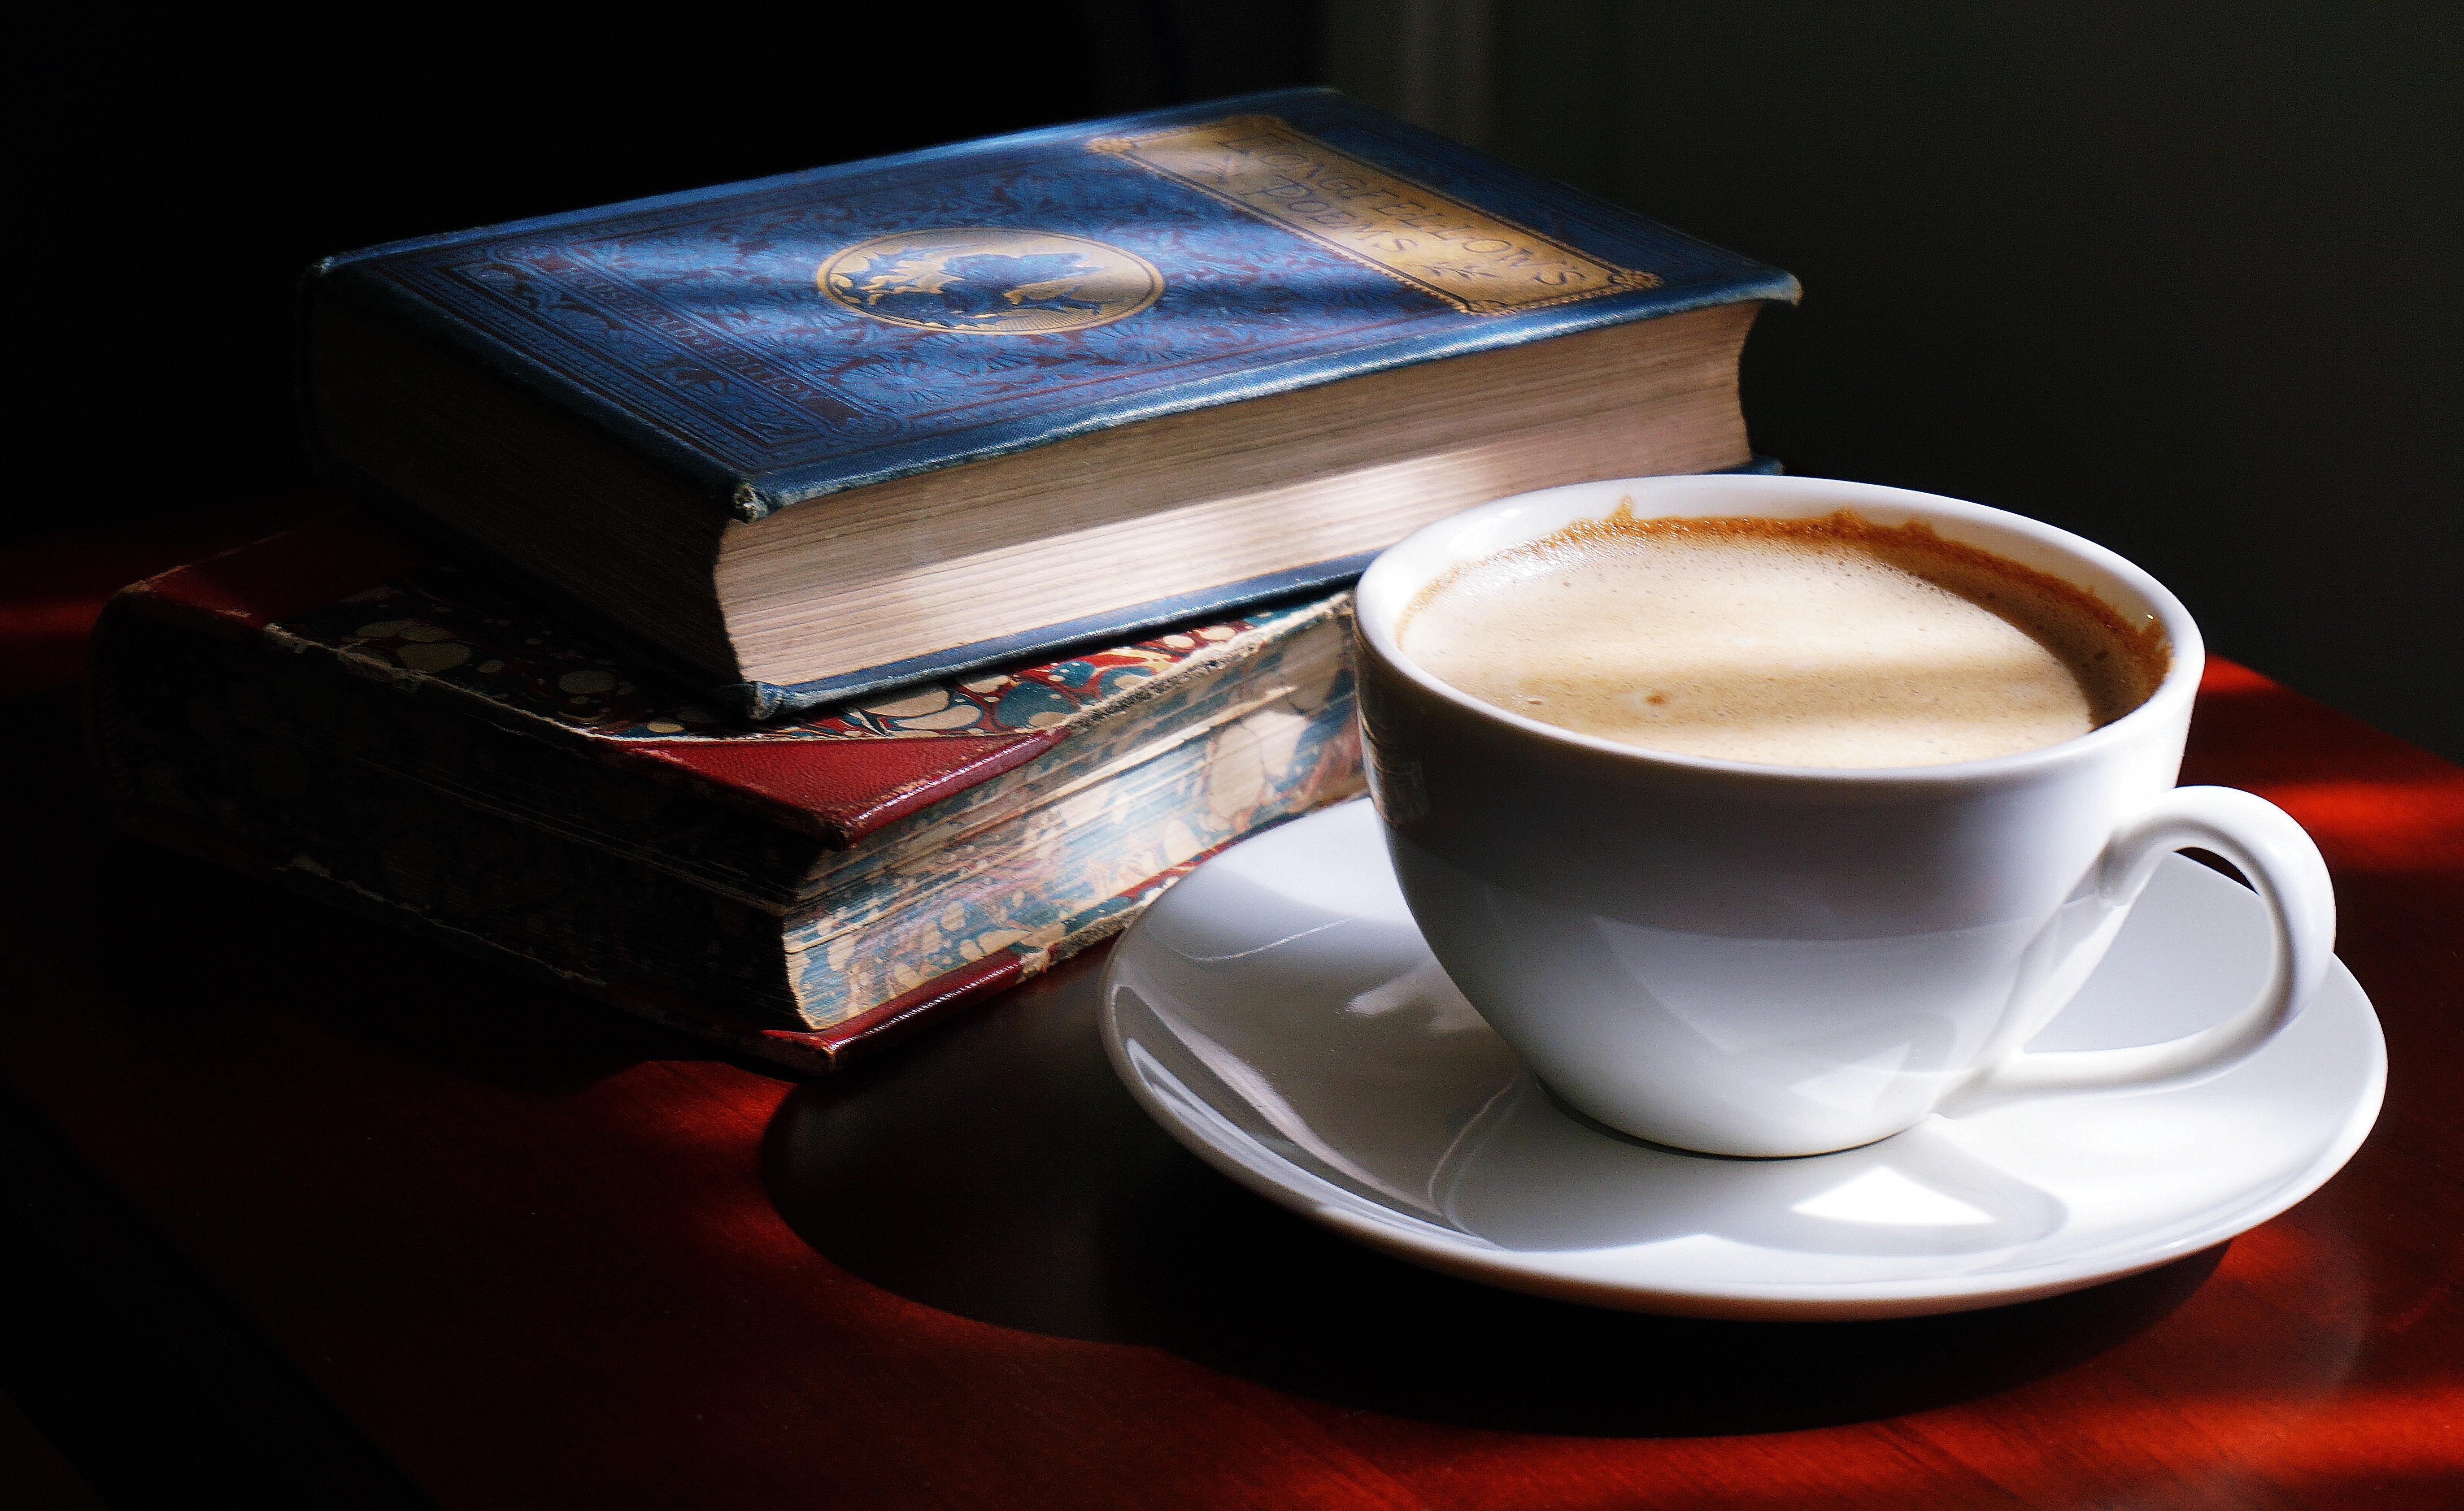 картинки кофе с книжкой здесь